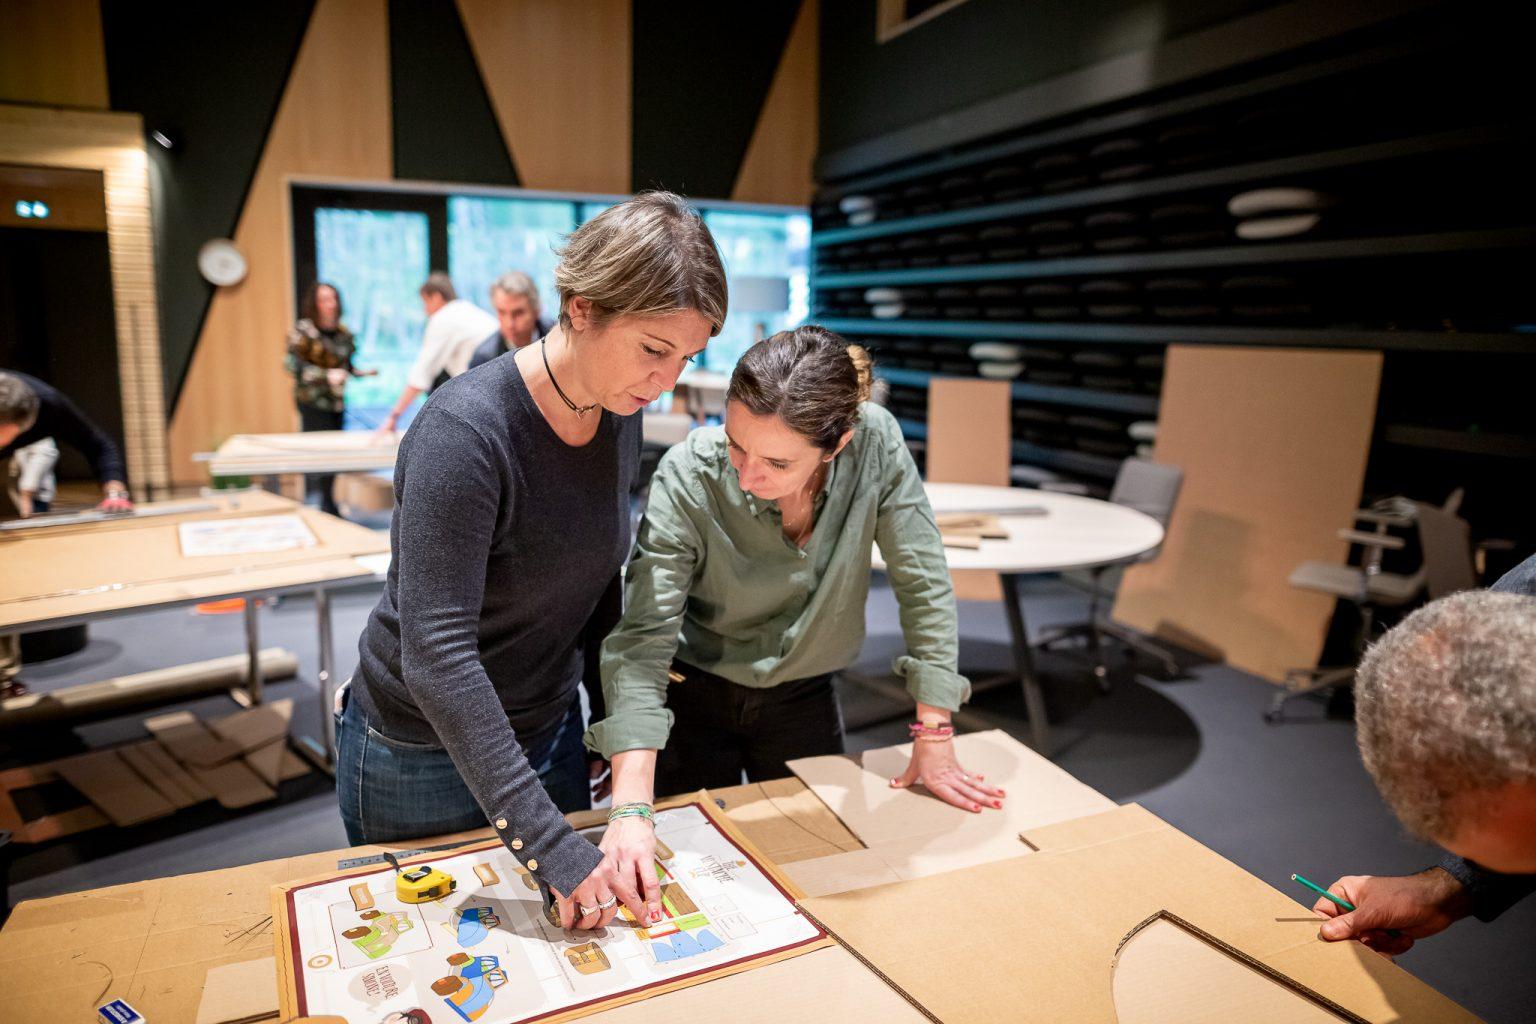 photographe d'entreprise team building séminaire corporate paris